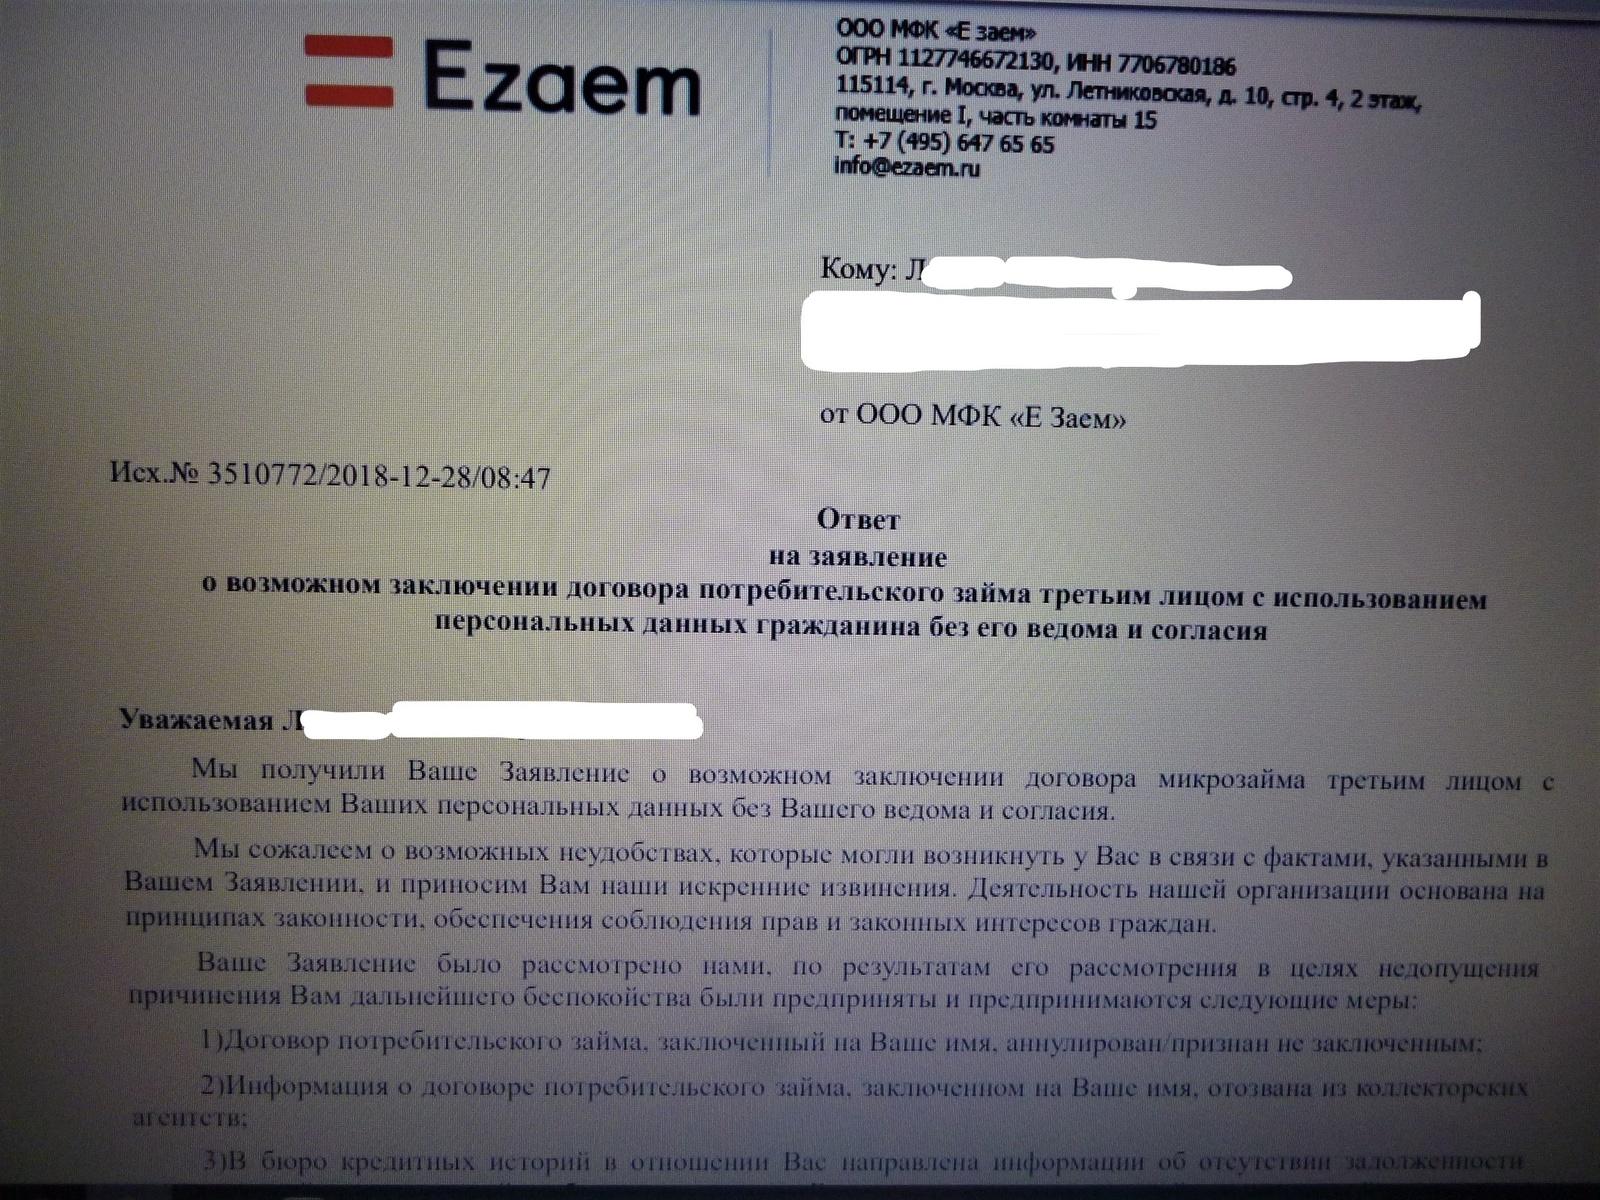 микрозайм езаем кредит европа банк санкт-петербург адреса отделений на невском